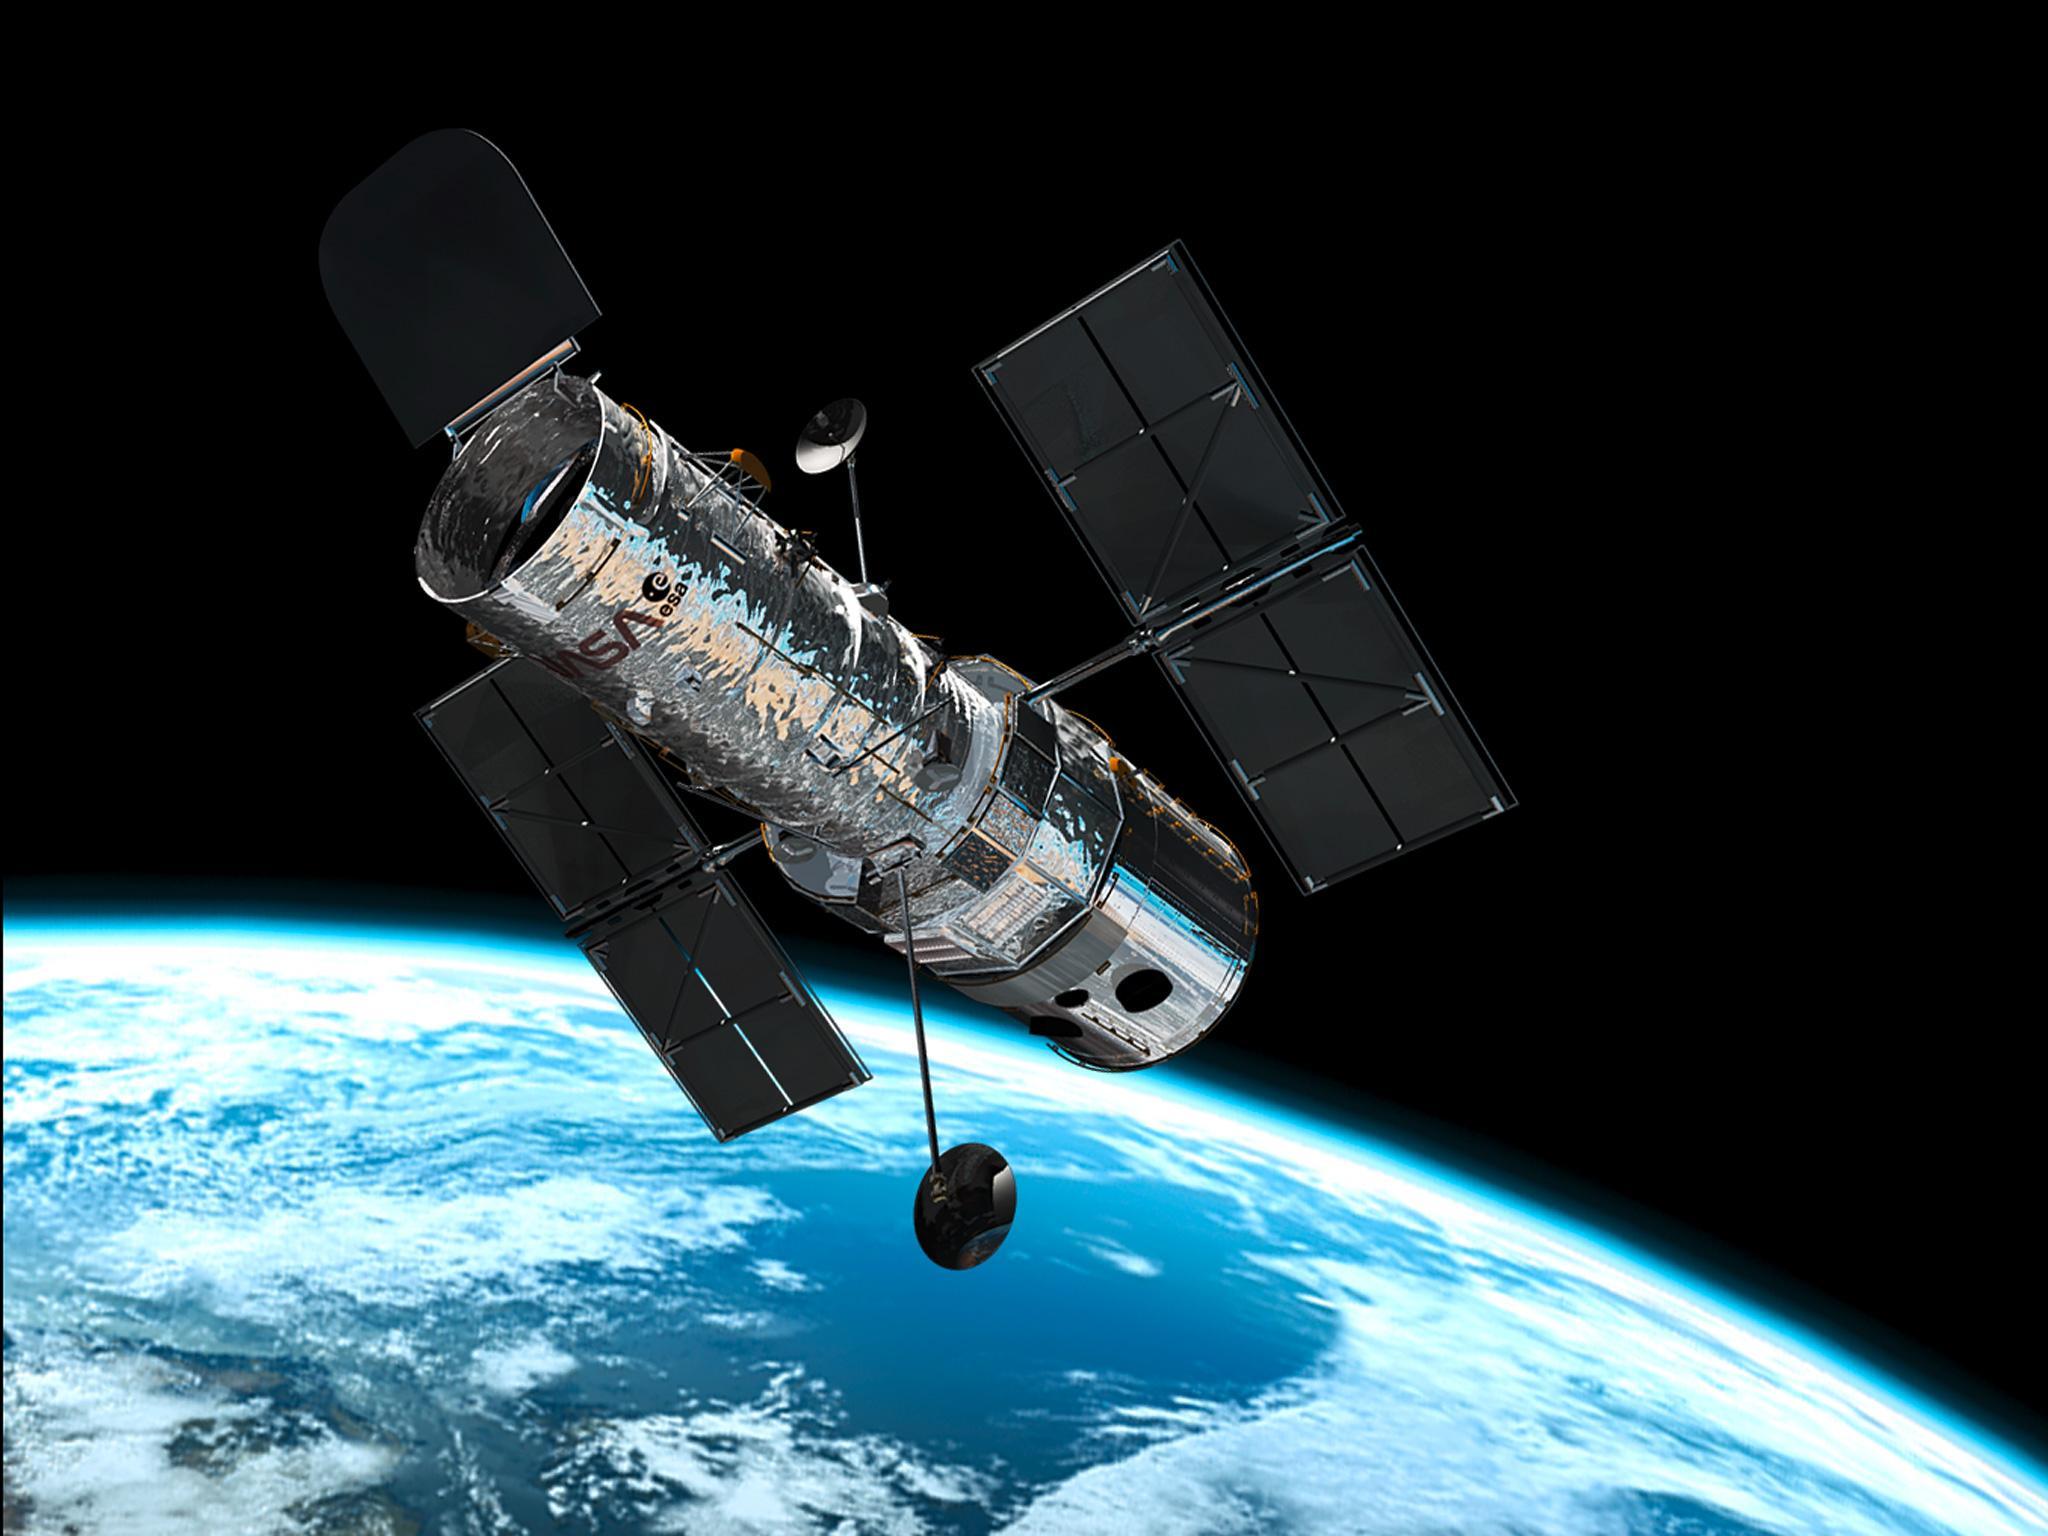 nasa satellite images - HD1200×900